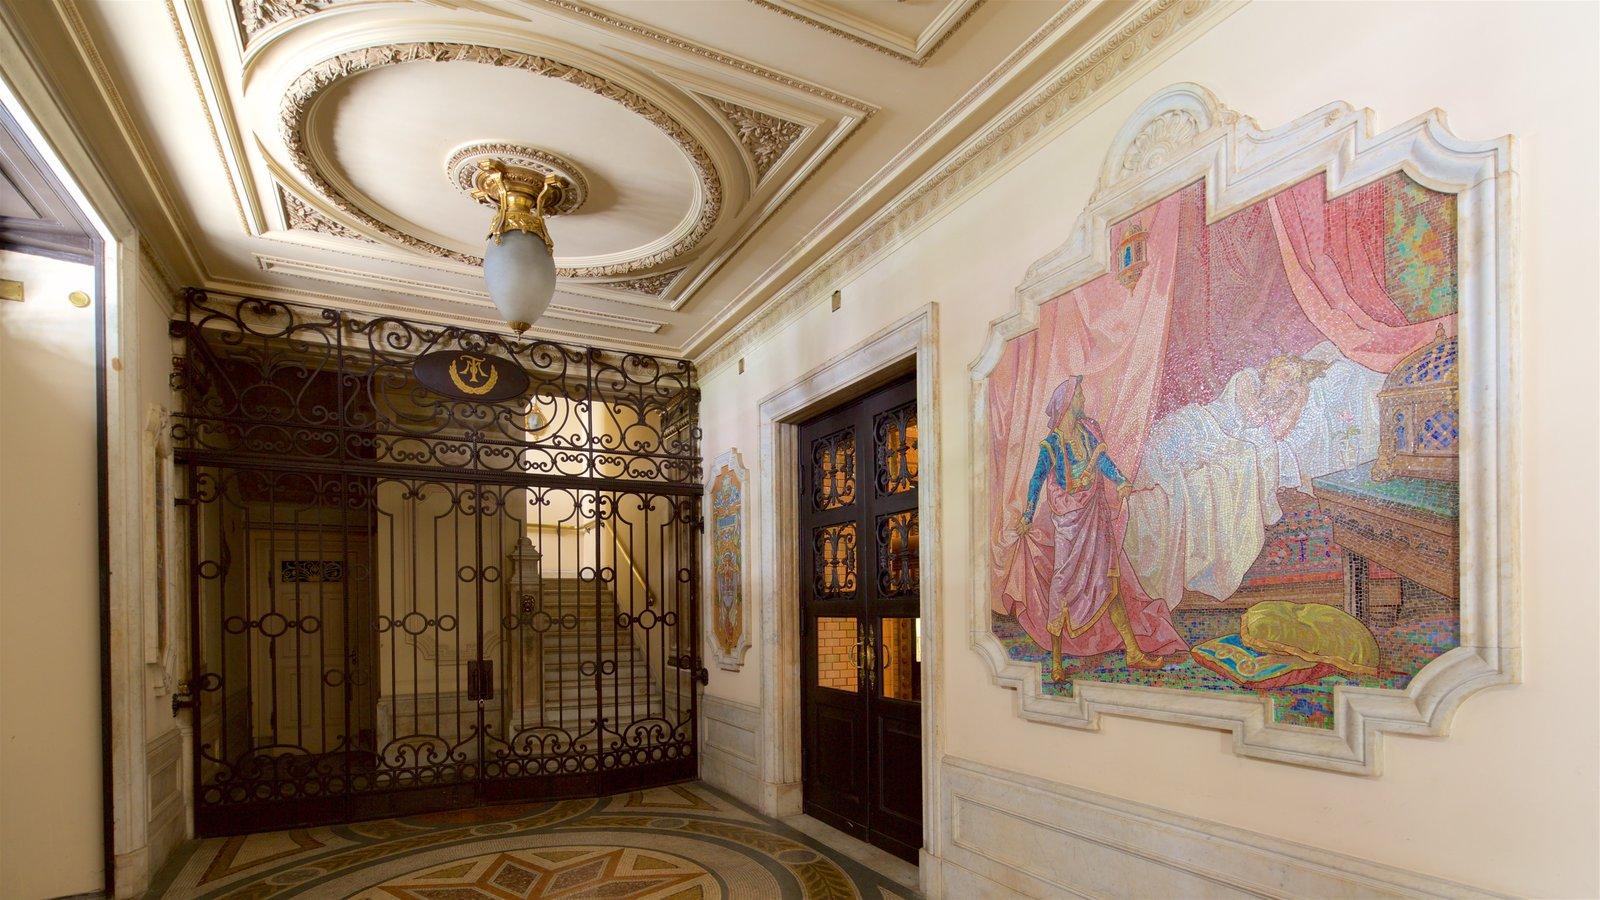 Teatro Municipal mostrando elementos de patrimônio, arte e vistas internas